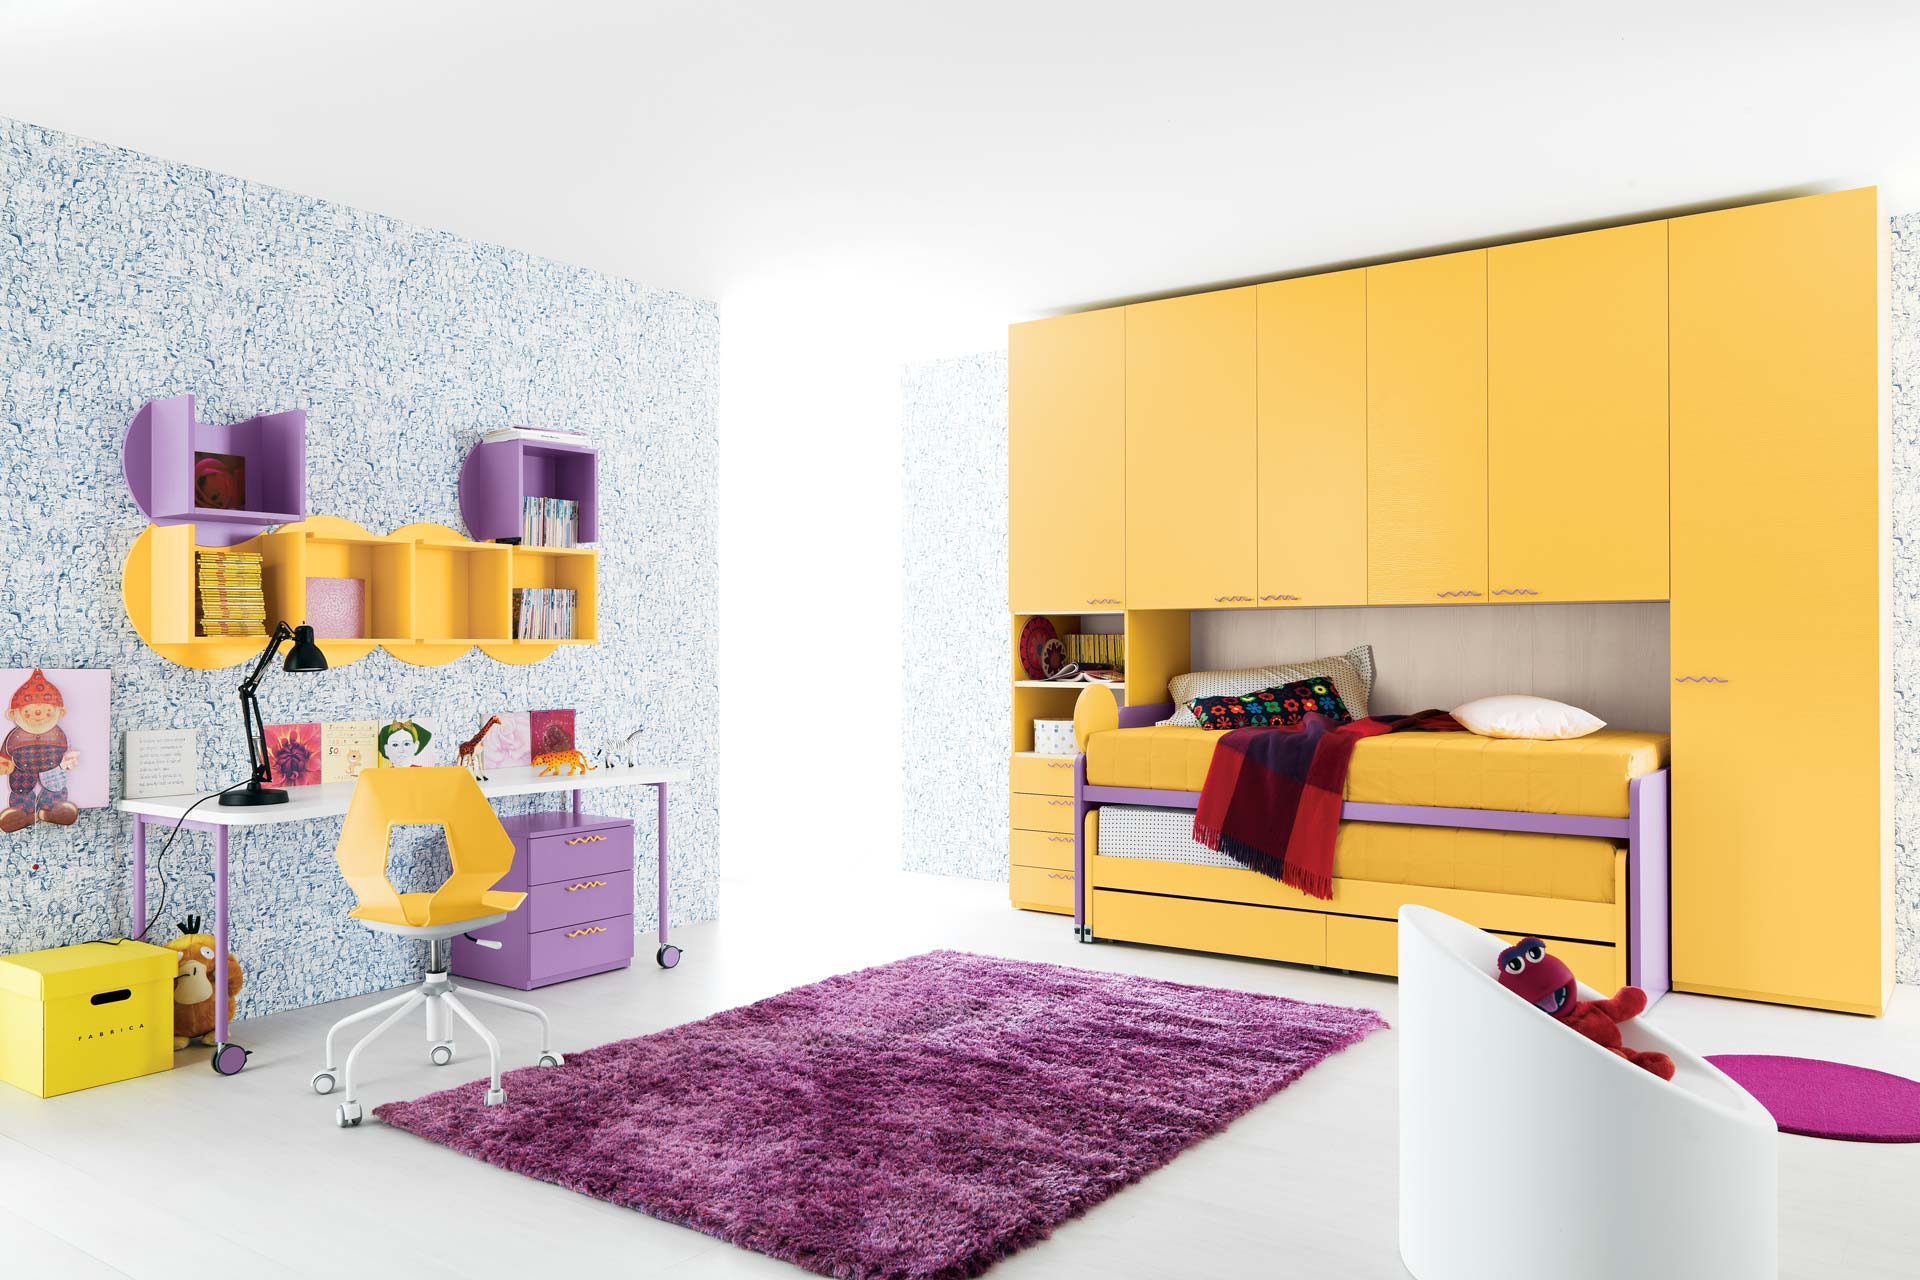 Camerette per bambini consigli prezzi e marche ikea doimo colombini designandmore - Ikea camerette per bambini prezzi ...